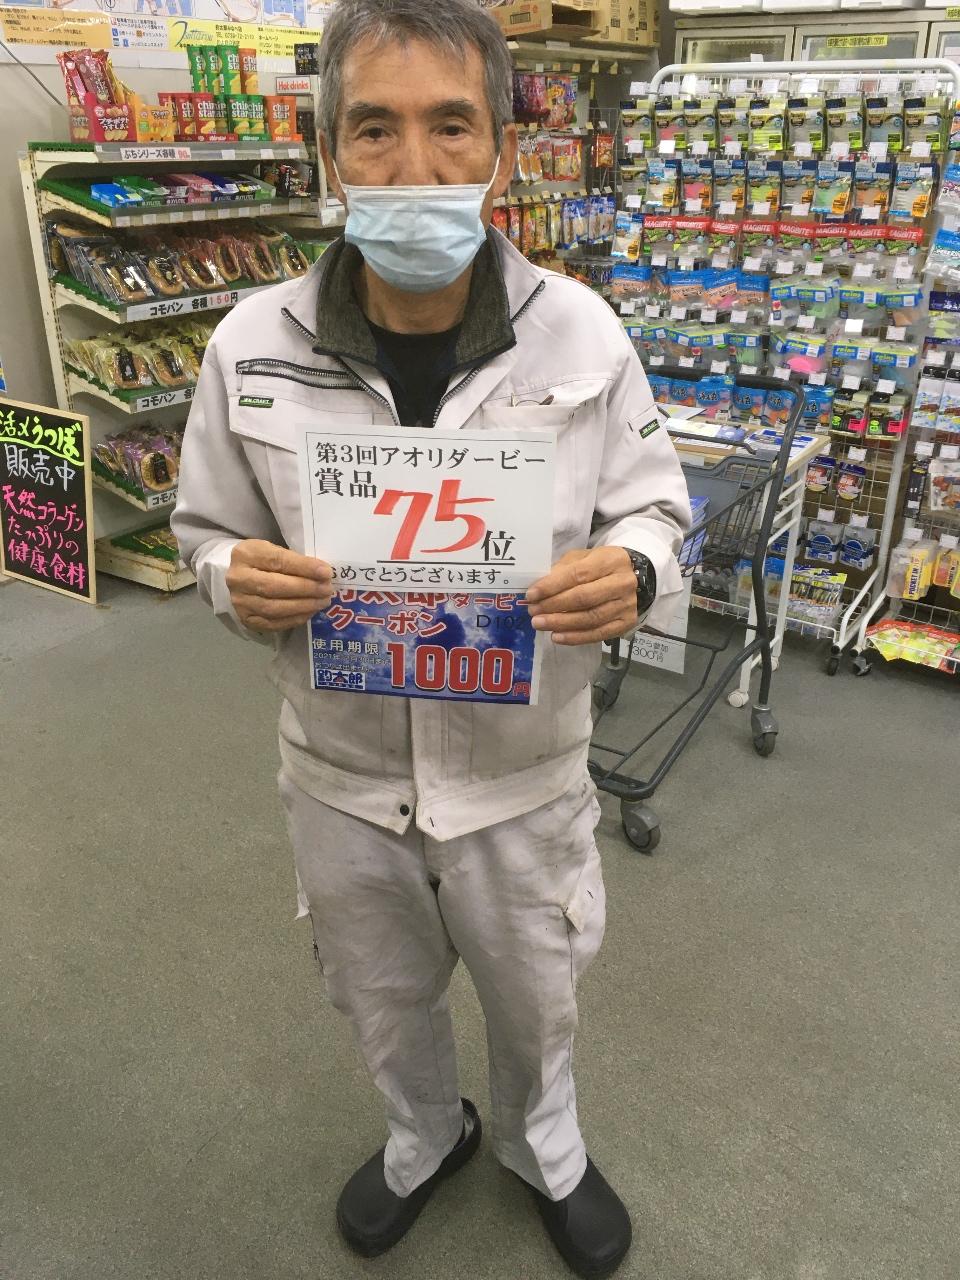 12/26    第5回アオリダービー      75位  タカボン様  釣太郎1000円ク-ポン券get !! おめでとうございます。